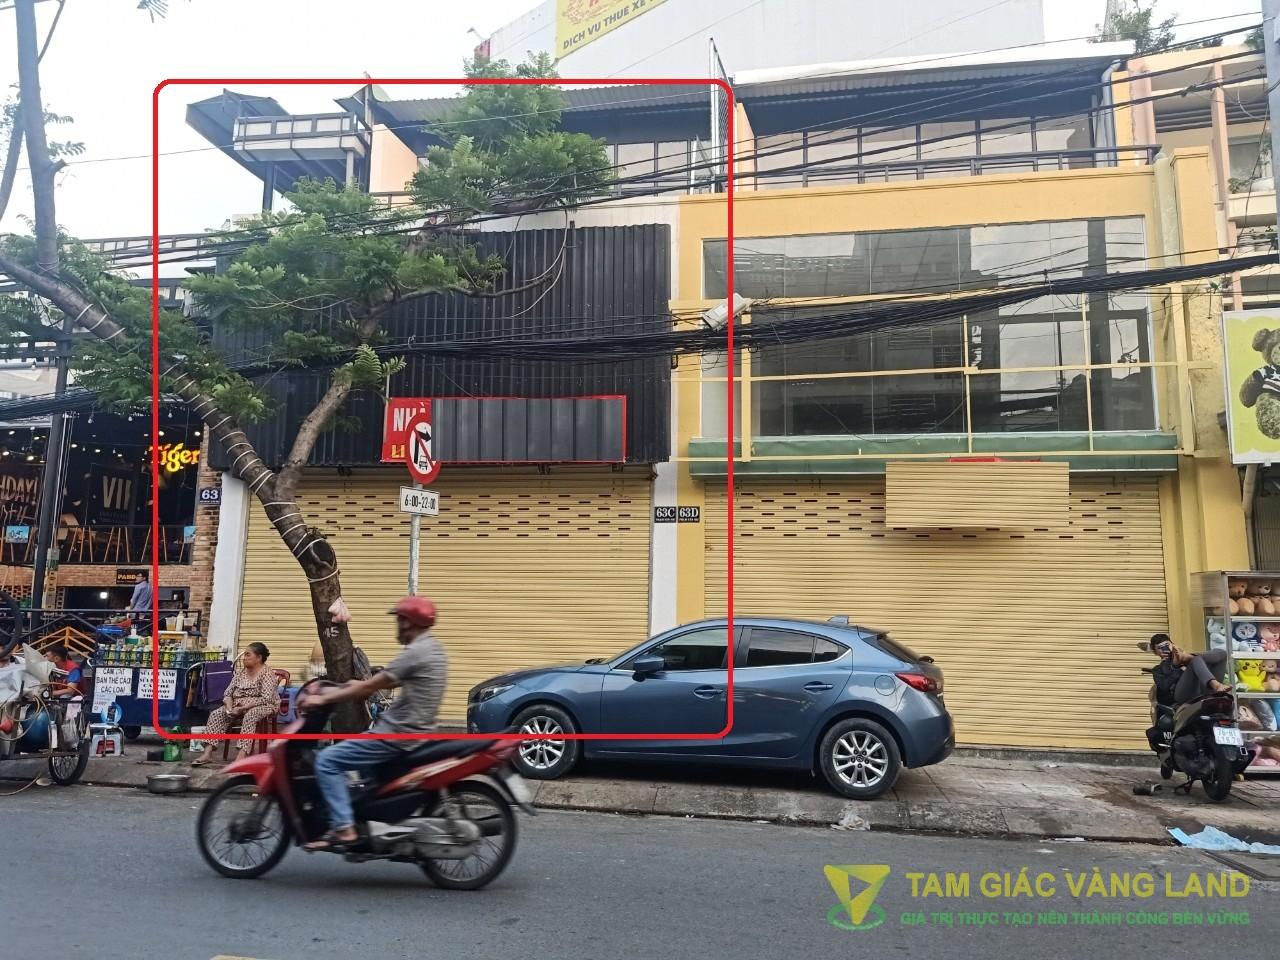 Cho thuê nhà mặt tiền đường Phạm Văn Hai, Phường 3, Quận Tân Bình, DT 6x19m, 1 trệt 2 lầu, Giá 70 triệu/tháng